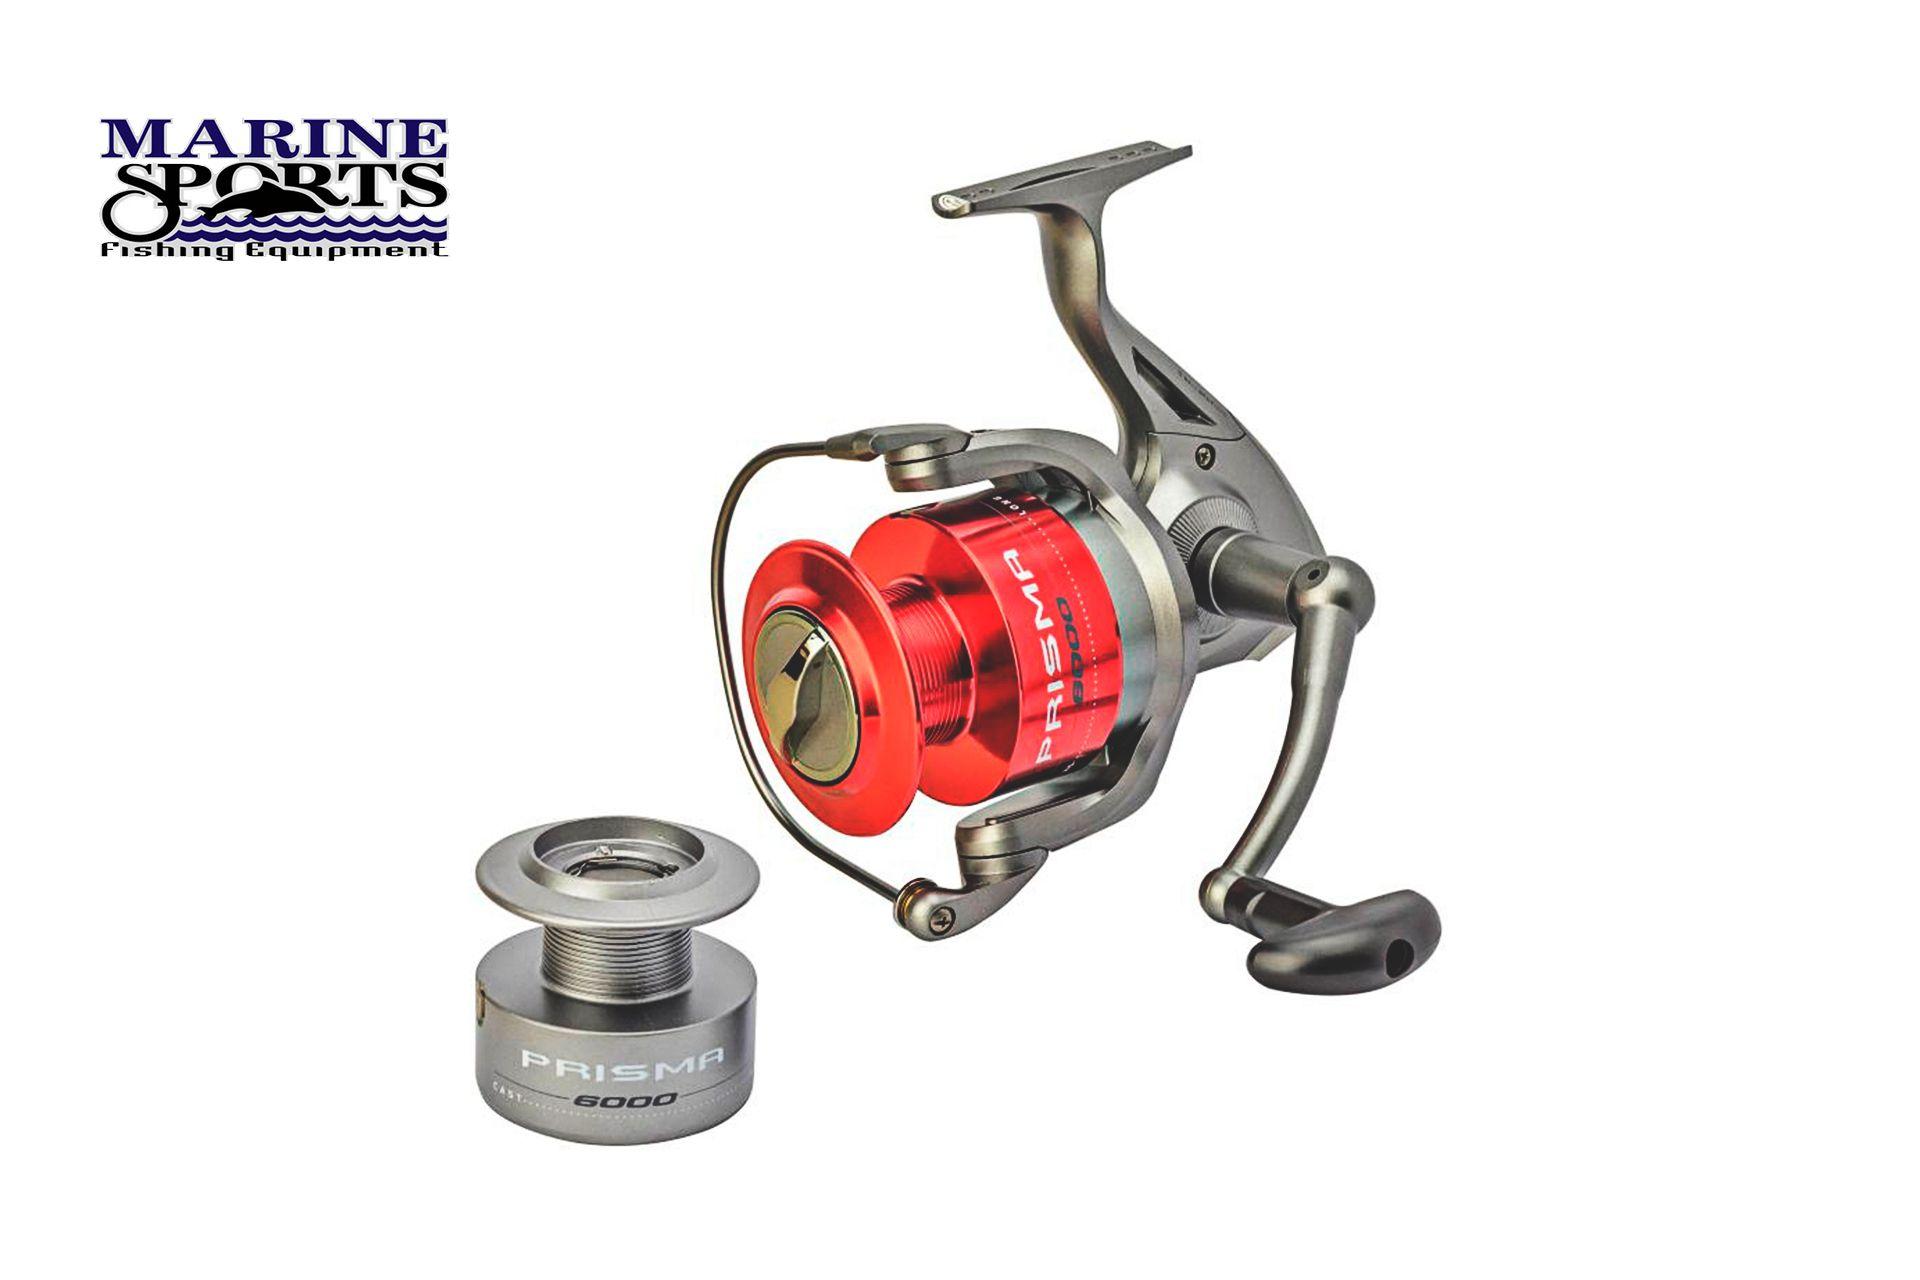 Molinete Prisma 5000 - 5 Rolamentos - Marine Sports  - Life Pesca - Sua loja de Pesca, Camping e Lazer